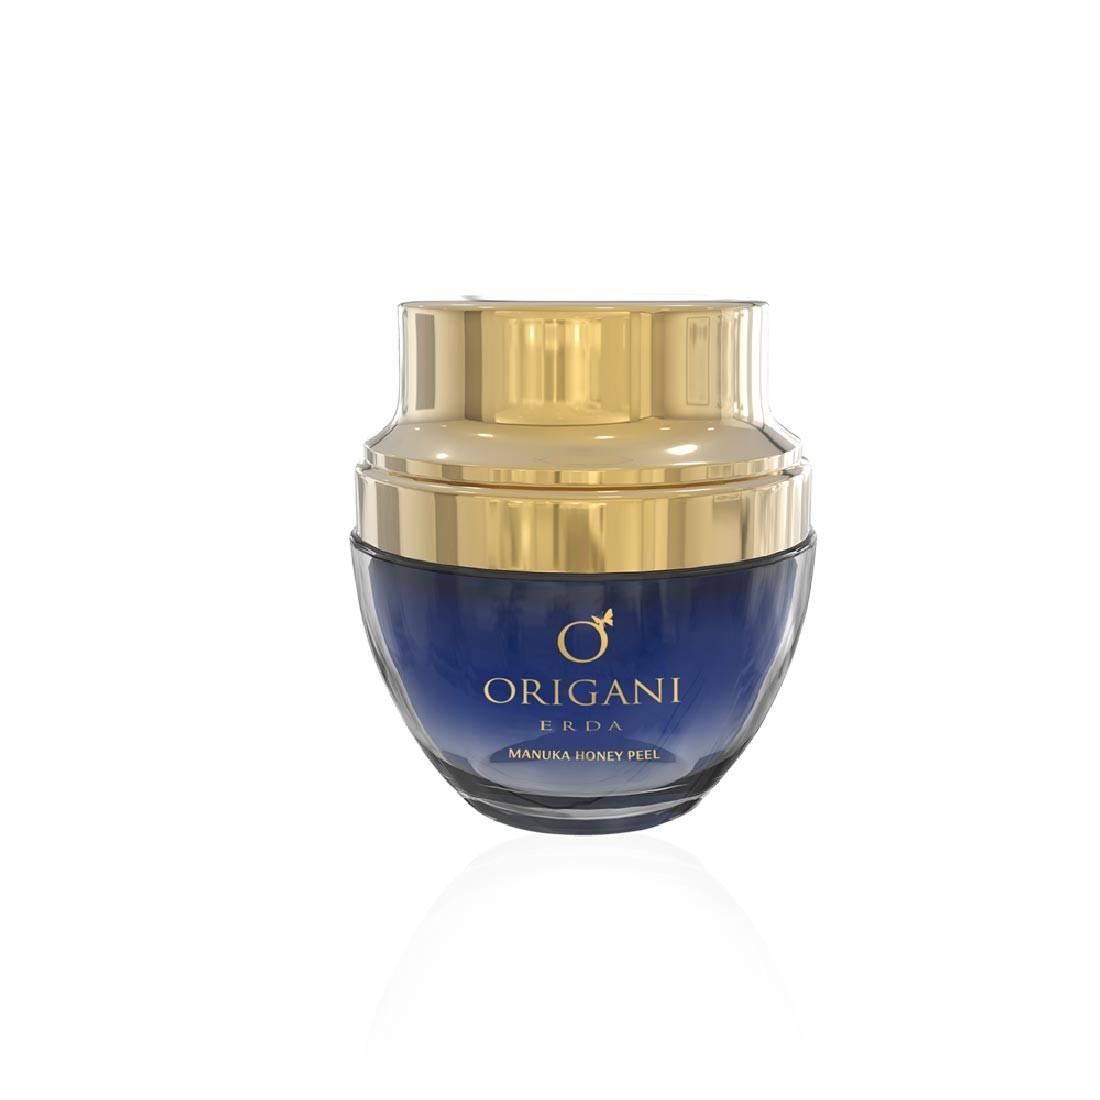 origani-erda-natures-gentle-exfoliator-manuka-honey-peel